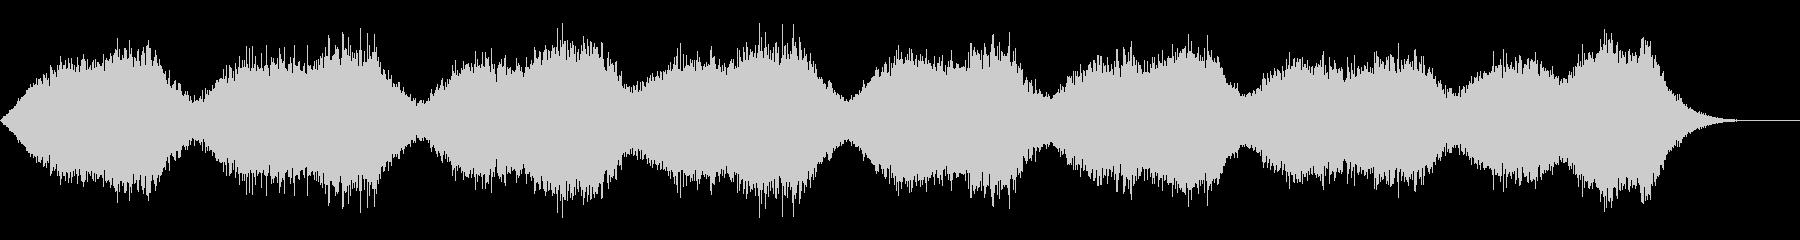 サスペンスなどの背景音にの未再生の波形